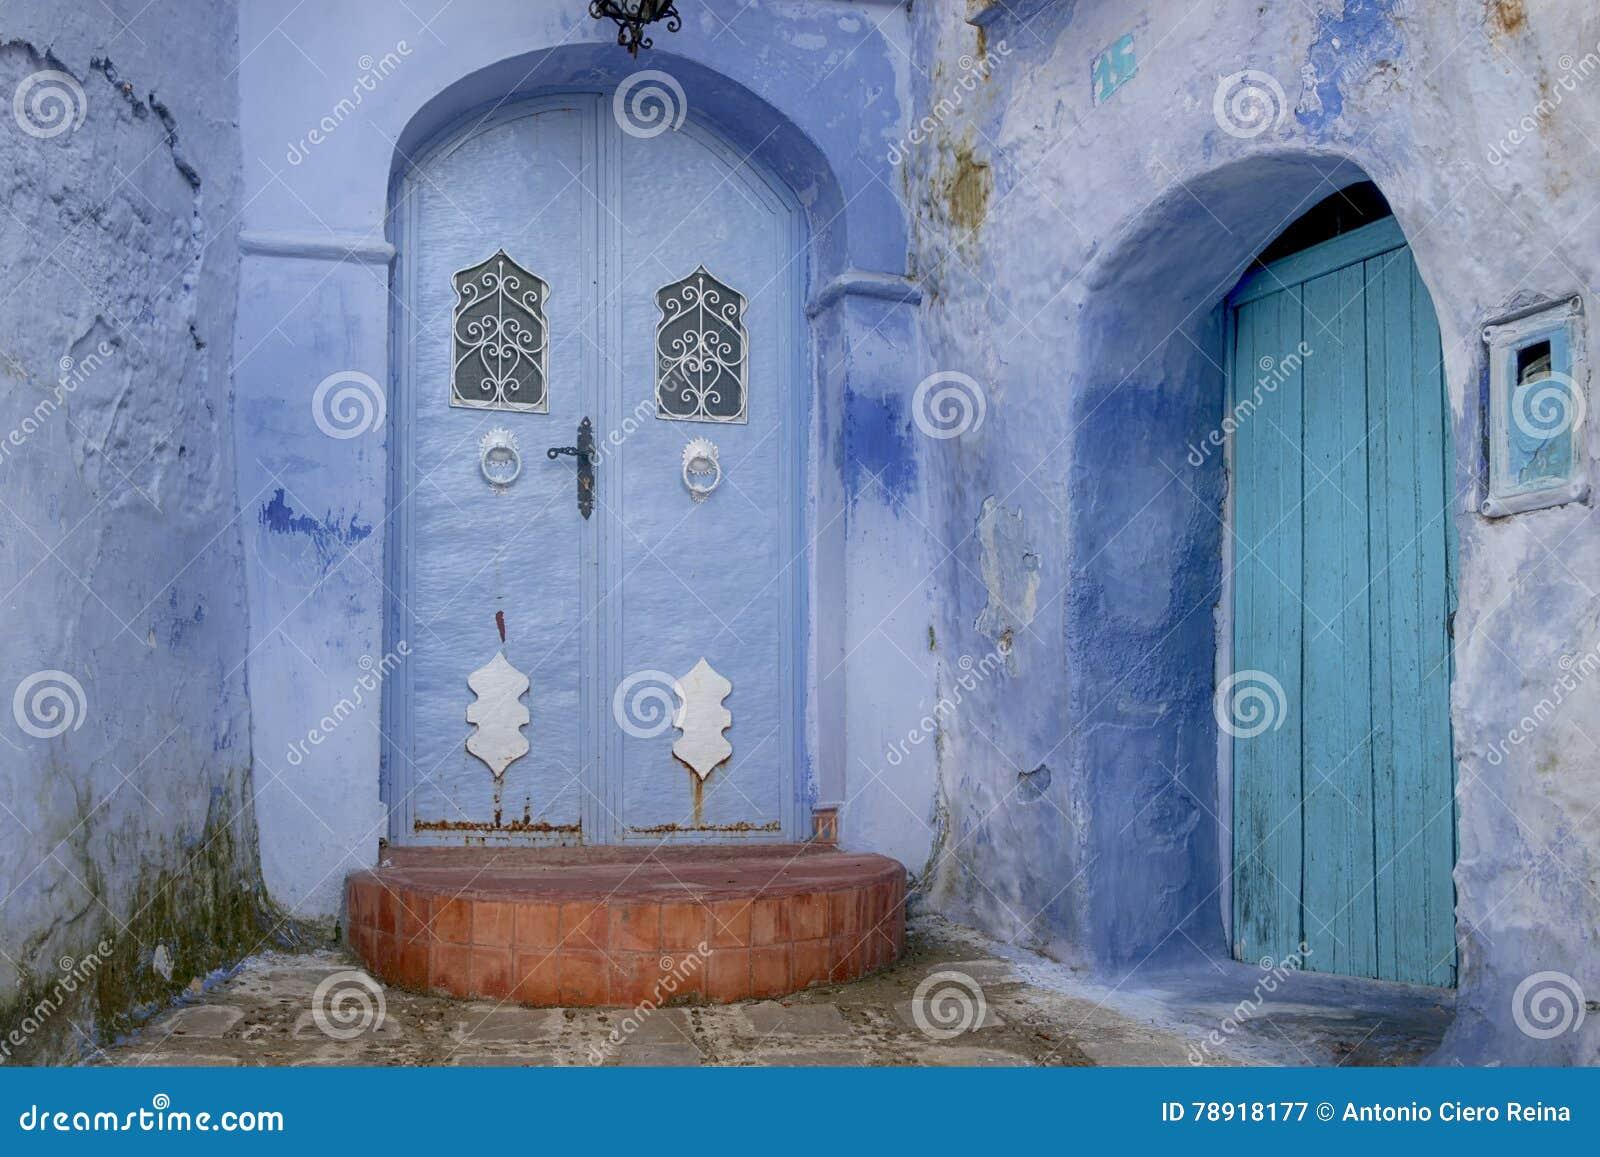 Världsstäder, Chefchaouen i Marocko